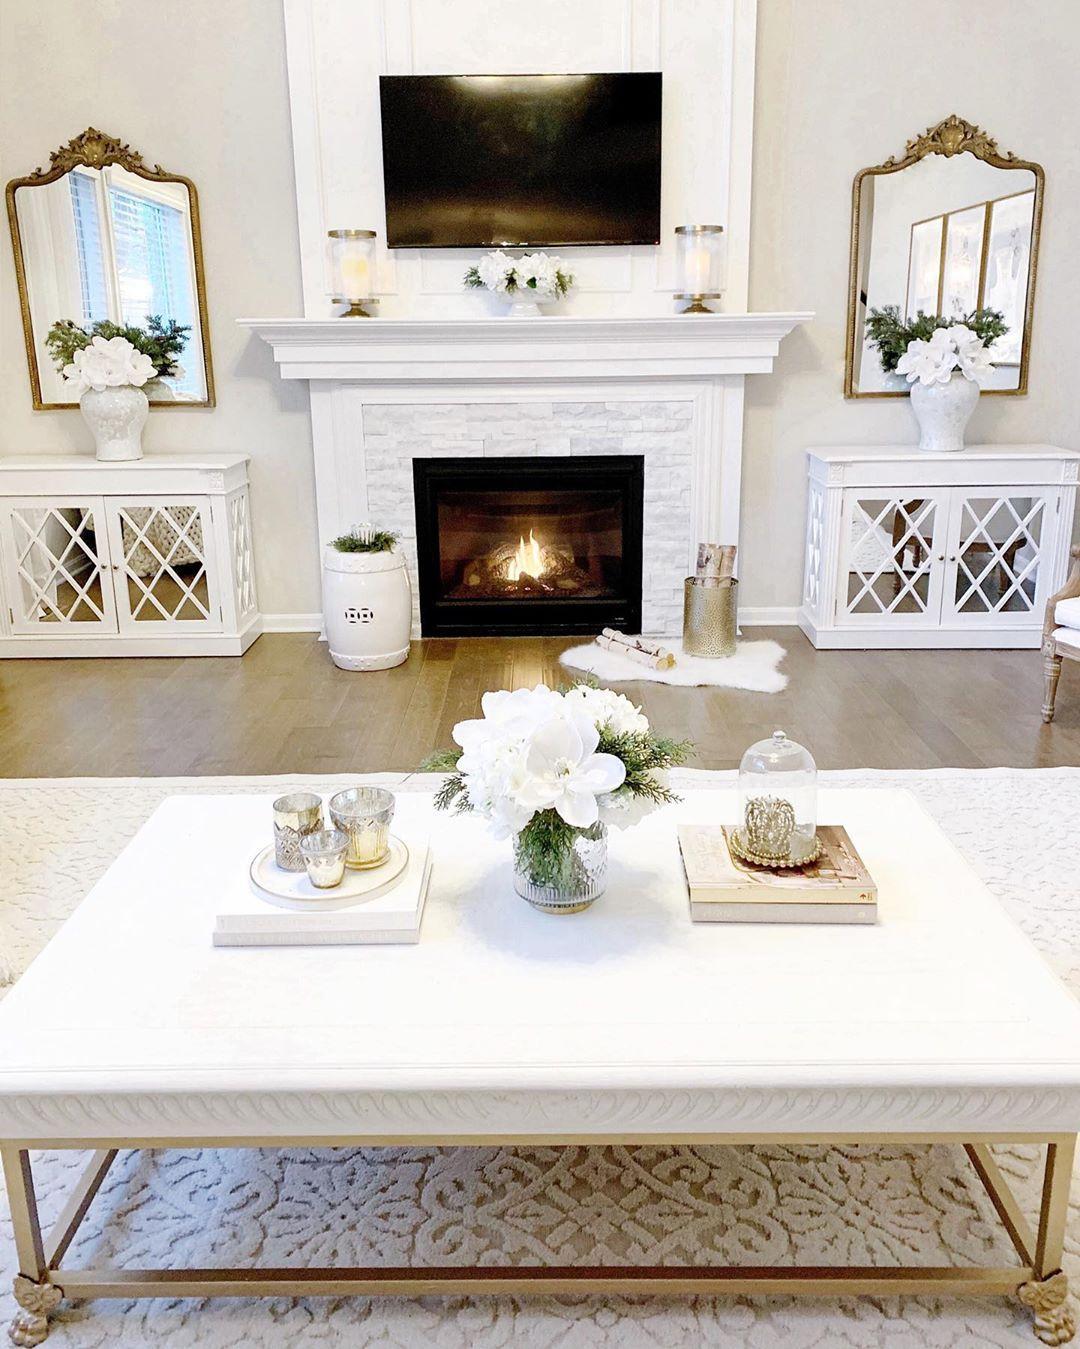 Glam Wohnzimmer mit passenden goldenen Spiegeln um den Kamin via @kathrynpackard